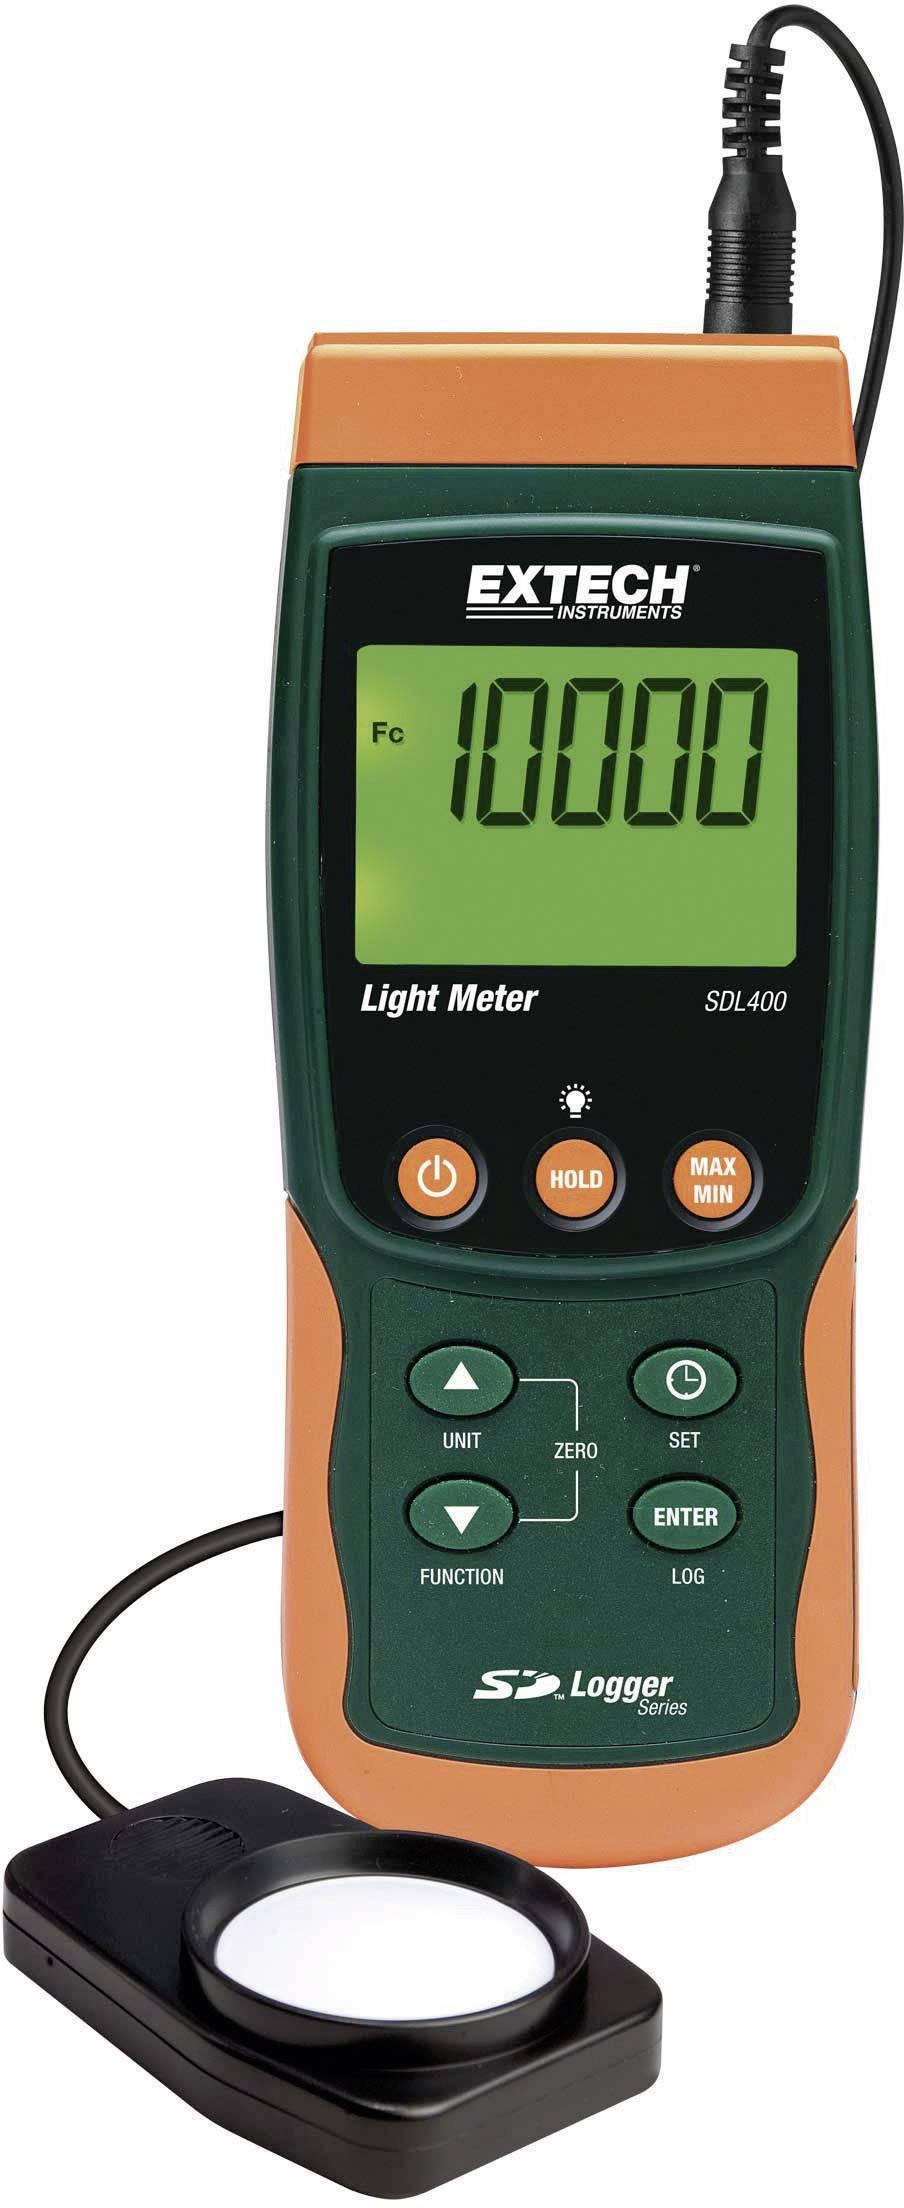 Luxmeter Extech SDL400, 100 000 lx